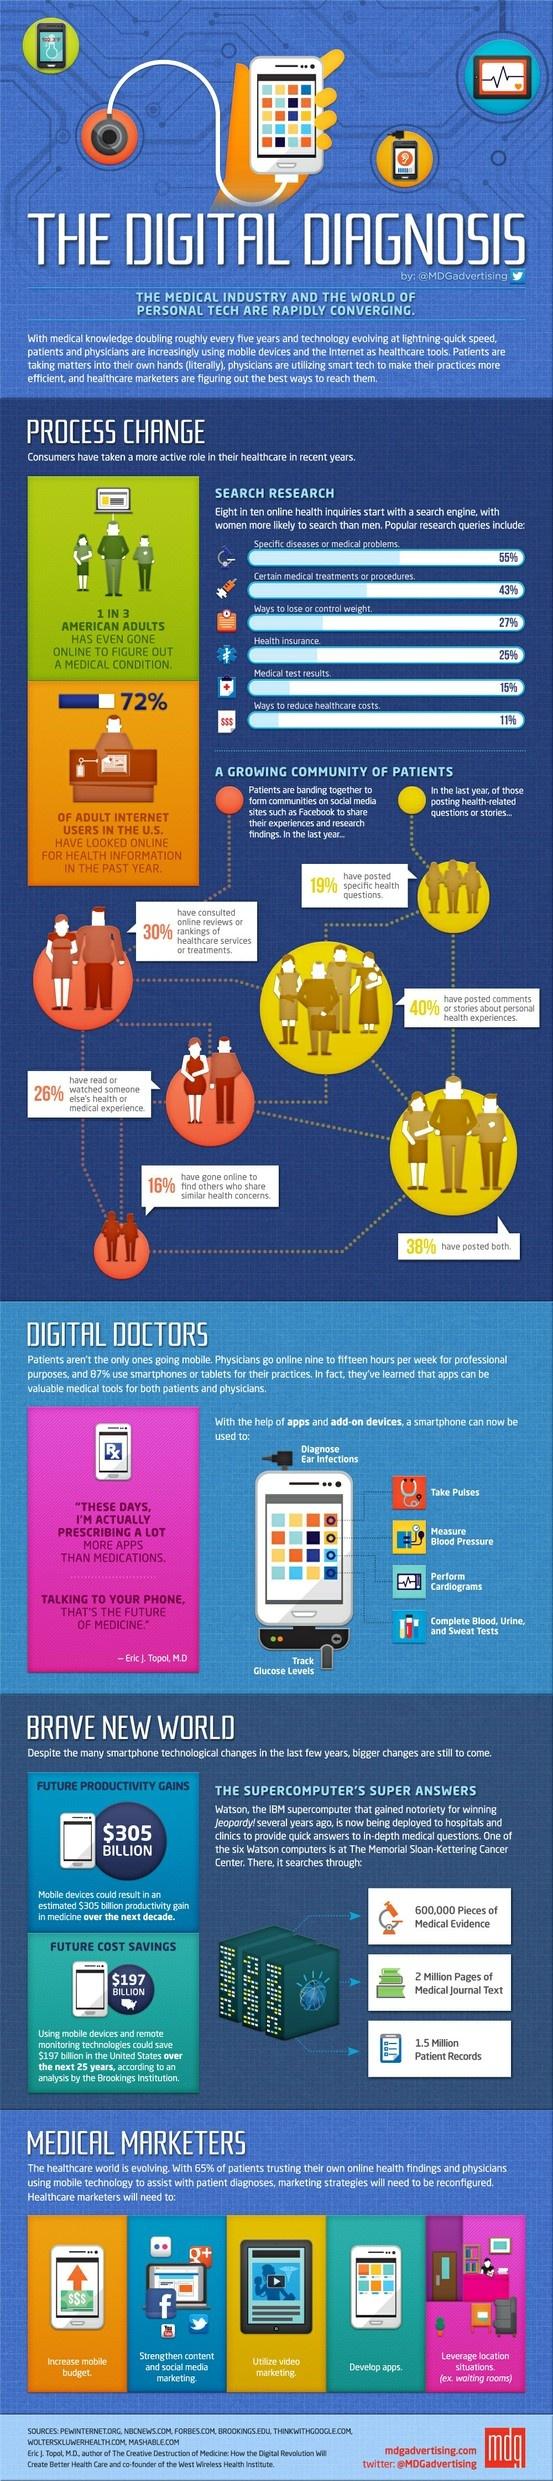 La convergence de l'industrie médicale et du digital en une seule image